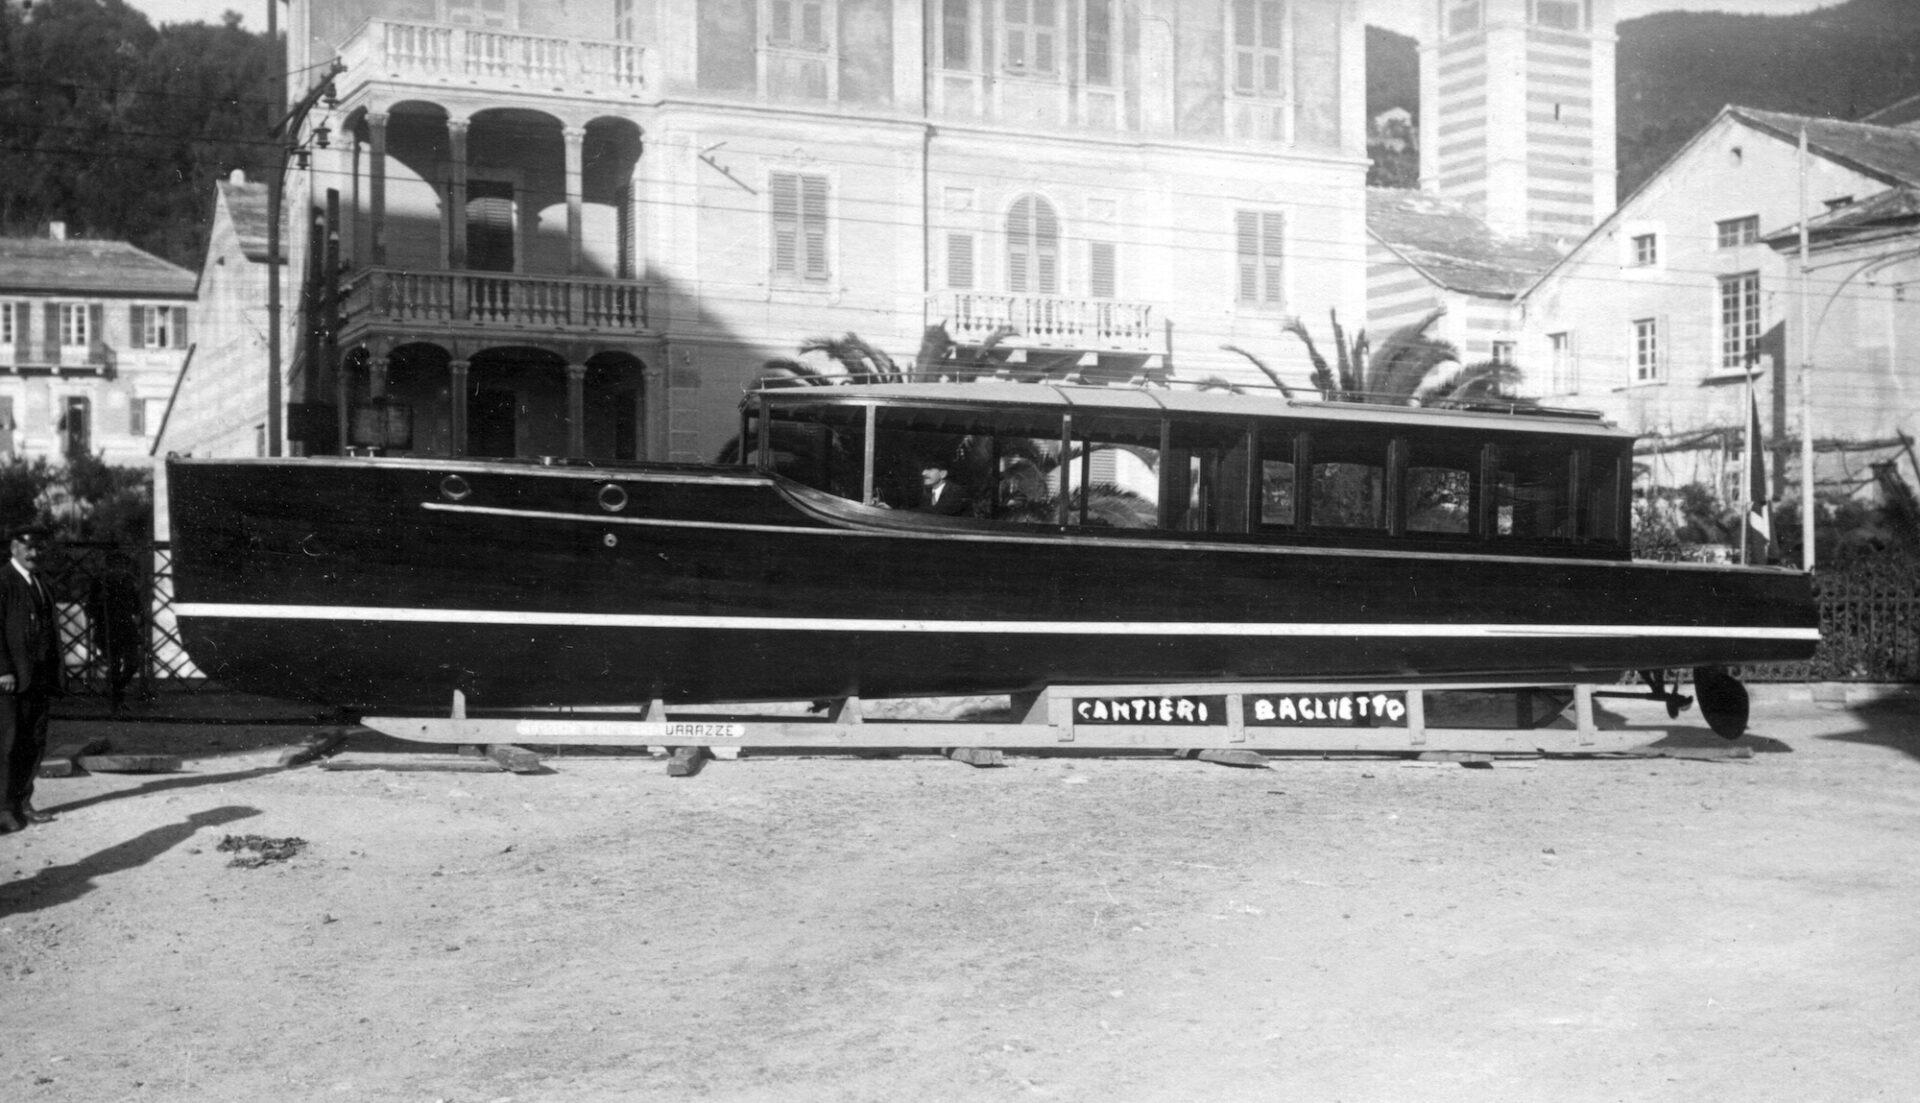 1930 – Battello automobile per trasporto passeggeri